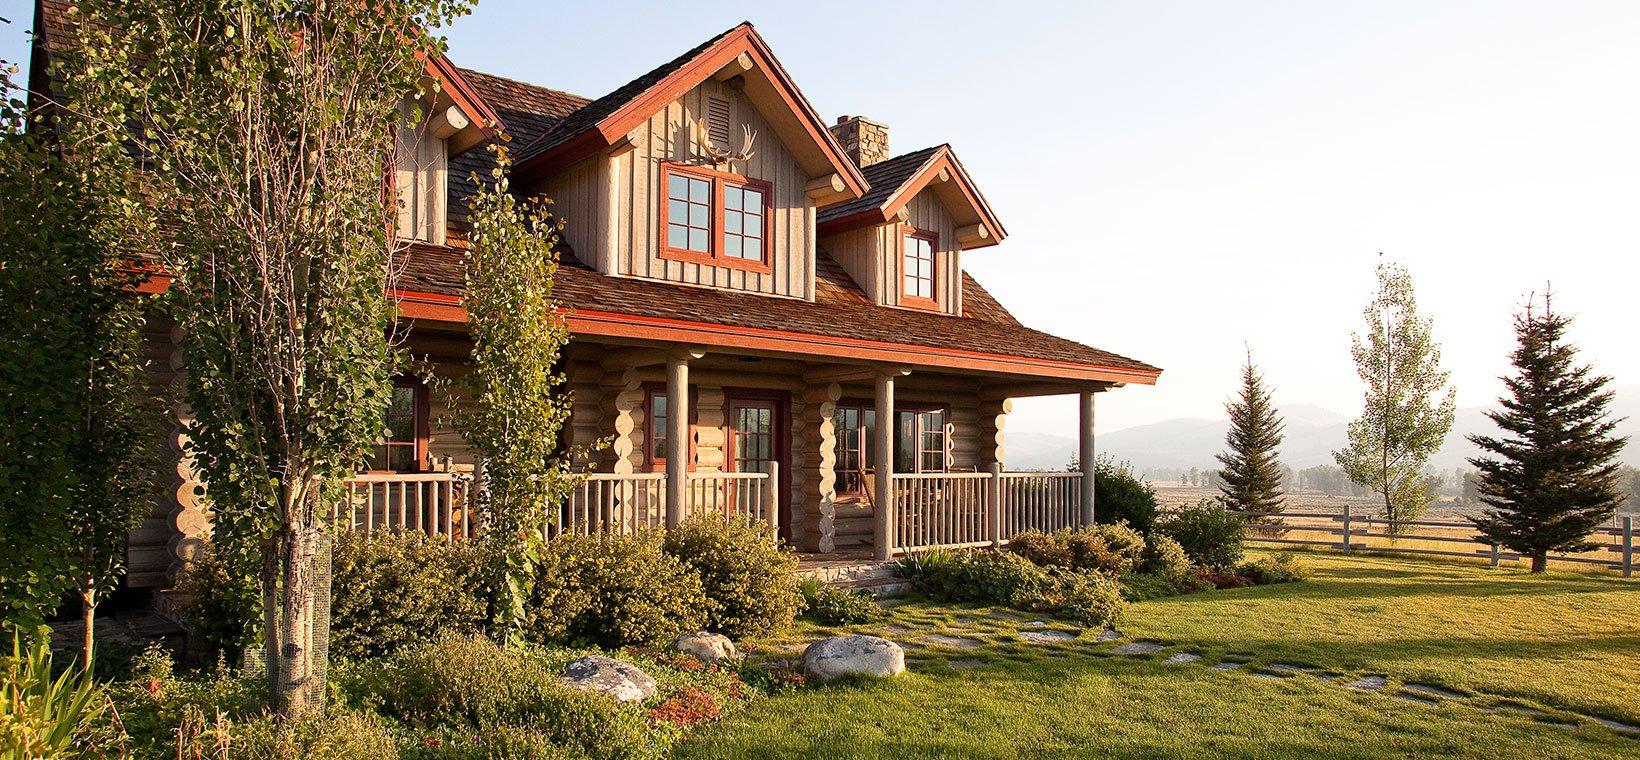 Moose House at The Ranch at Rock Creek